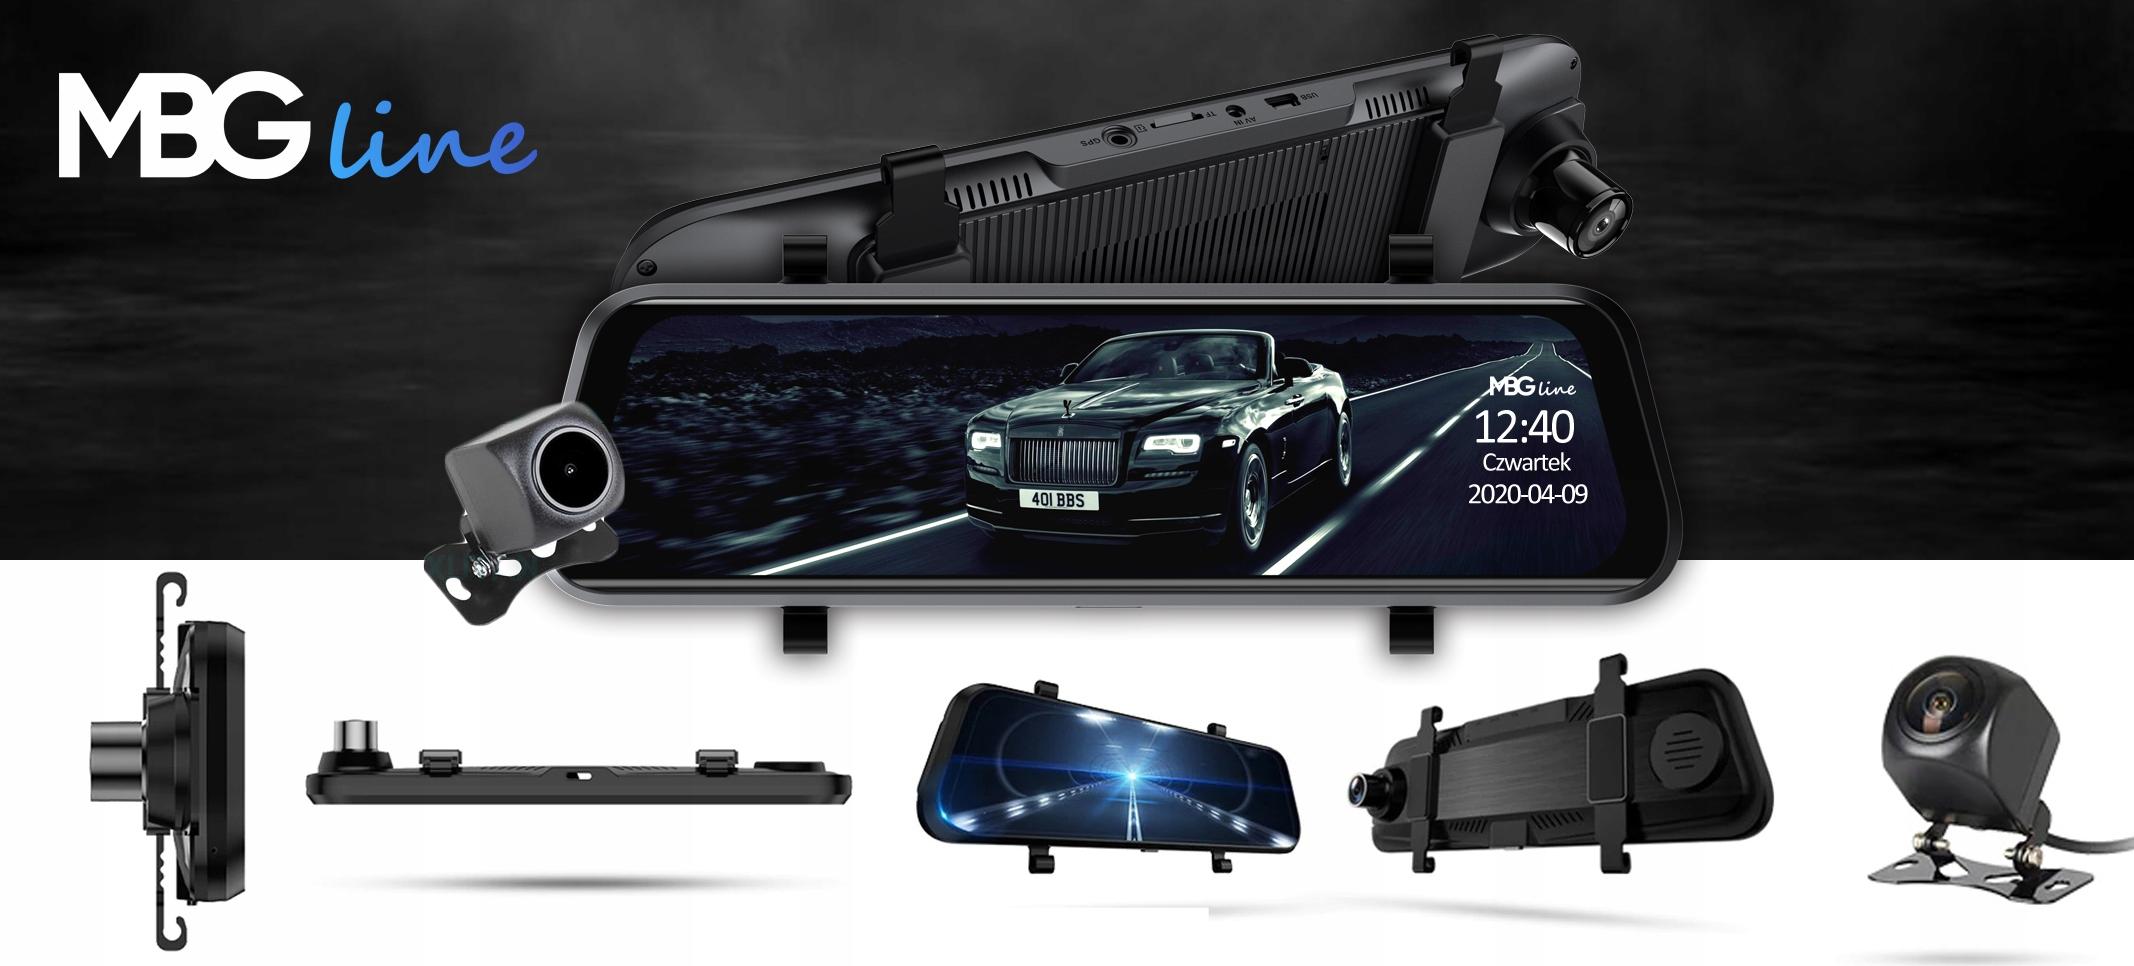 Kamera Rejestrator lusterko 2K+FHD HS900PRO SONY Cechy dodatkowe automatyczny start czujnik ruchu czujnik wstrząsów dwie kamery funkcja kamery cofania HDR/WDR kodek H.264 nagrywanie dźwięku wyświetlacz